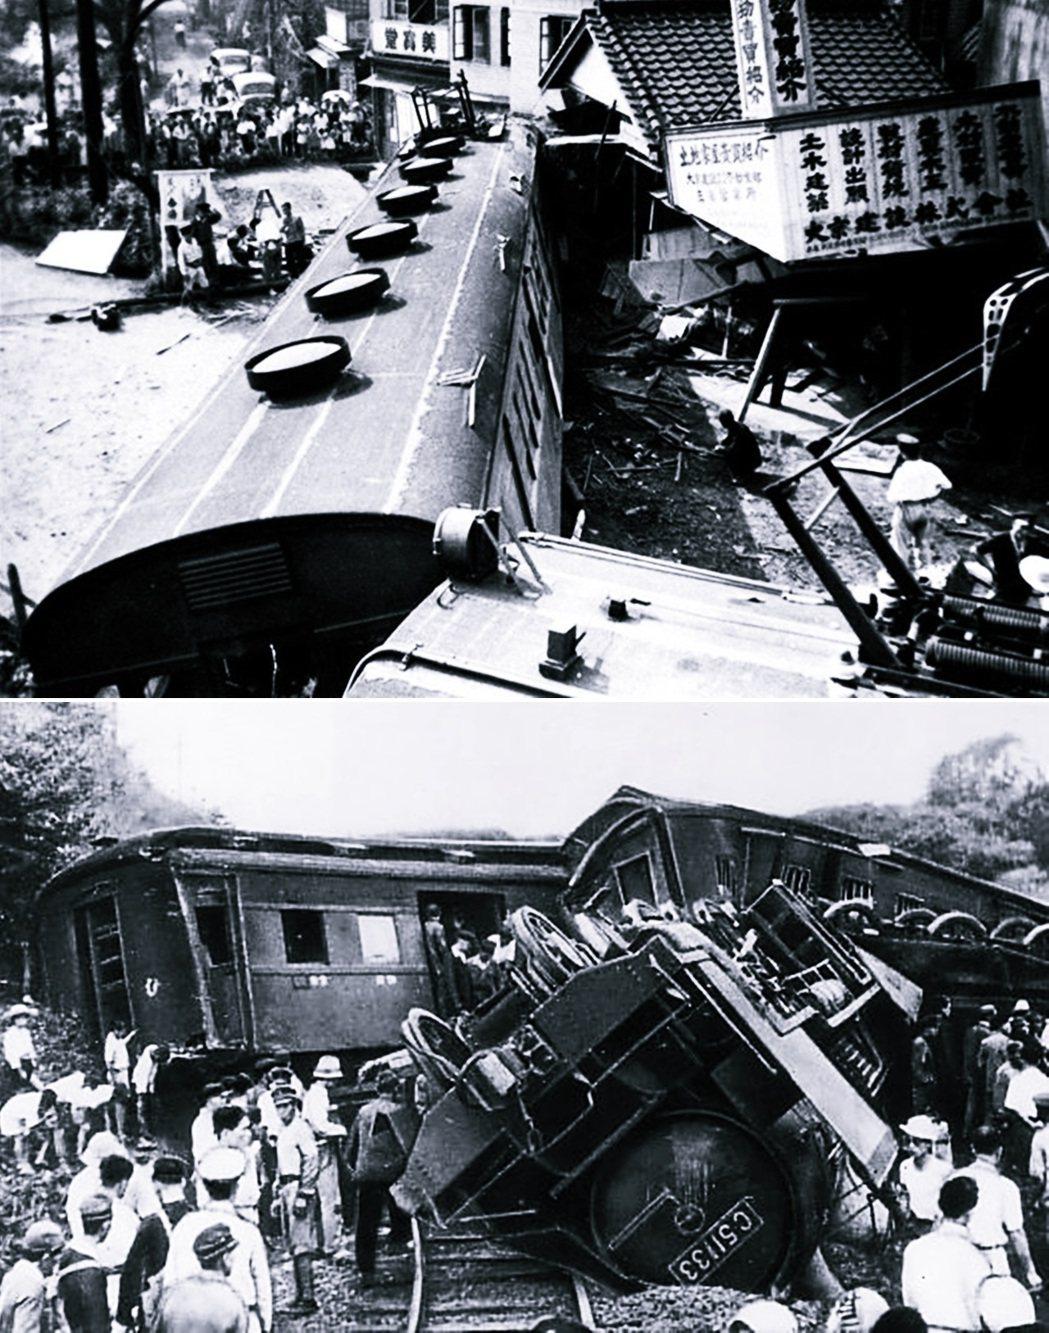 上圖為三鷹事件,列車脫軌撞向車站旁的商店街,造成6人死亡、20多人輕重傷。下圖為...